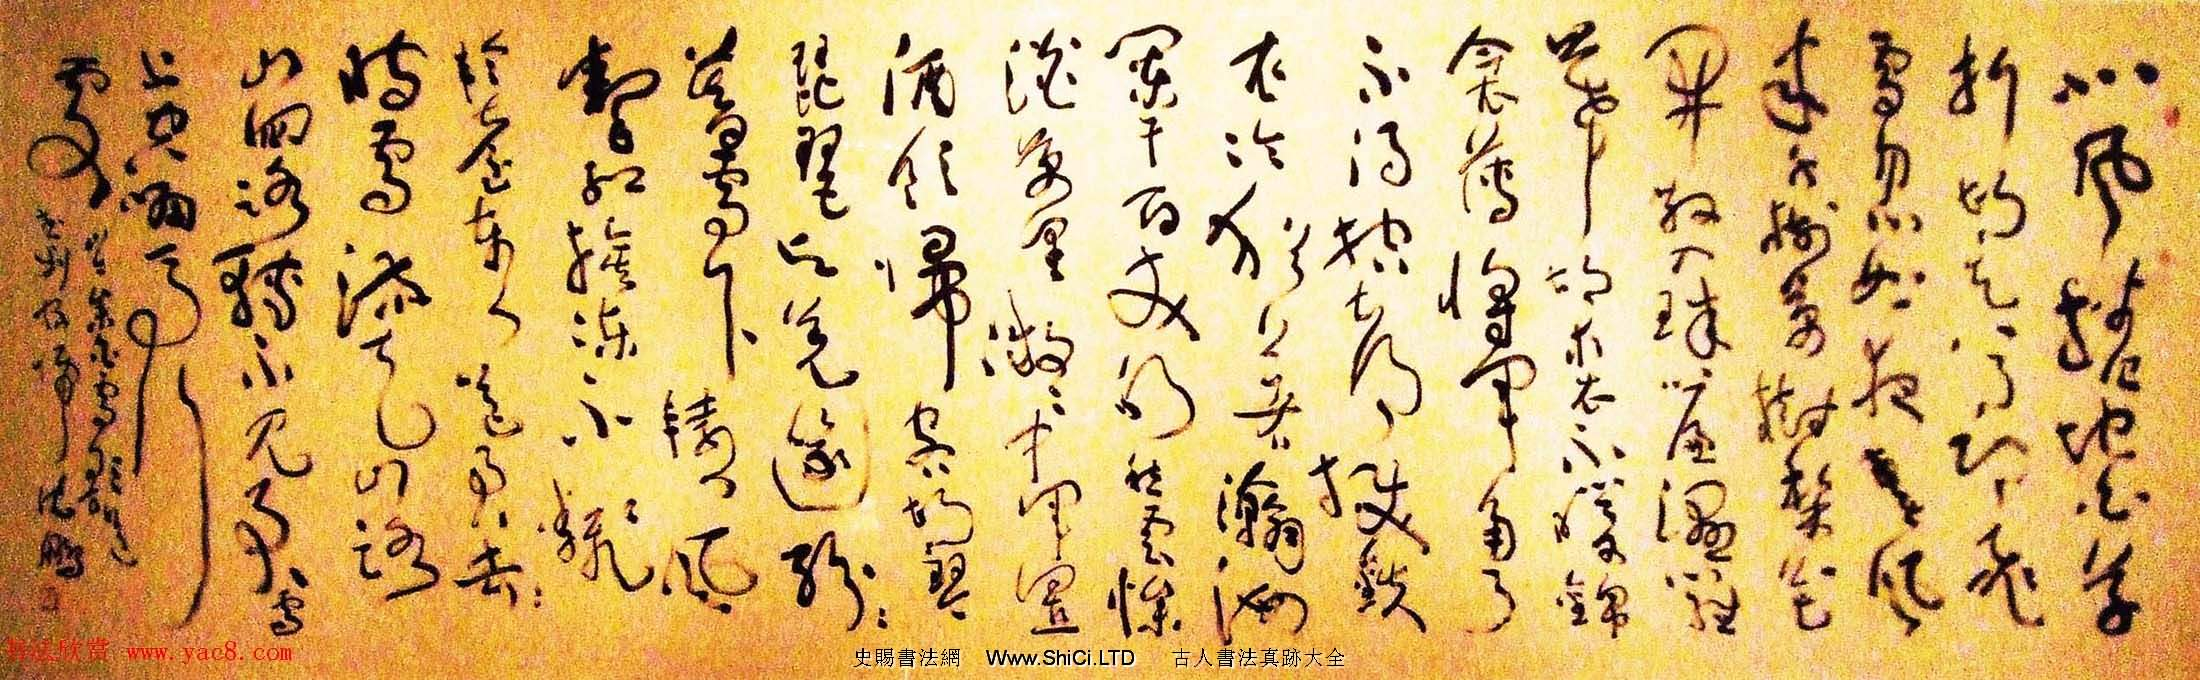 文史翰墨--首屆中華詩書畫展書法墨跡欣賞